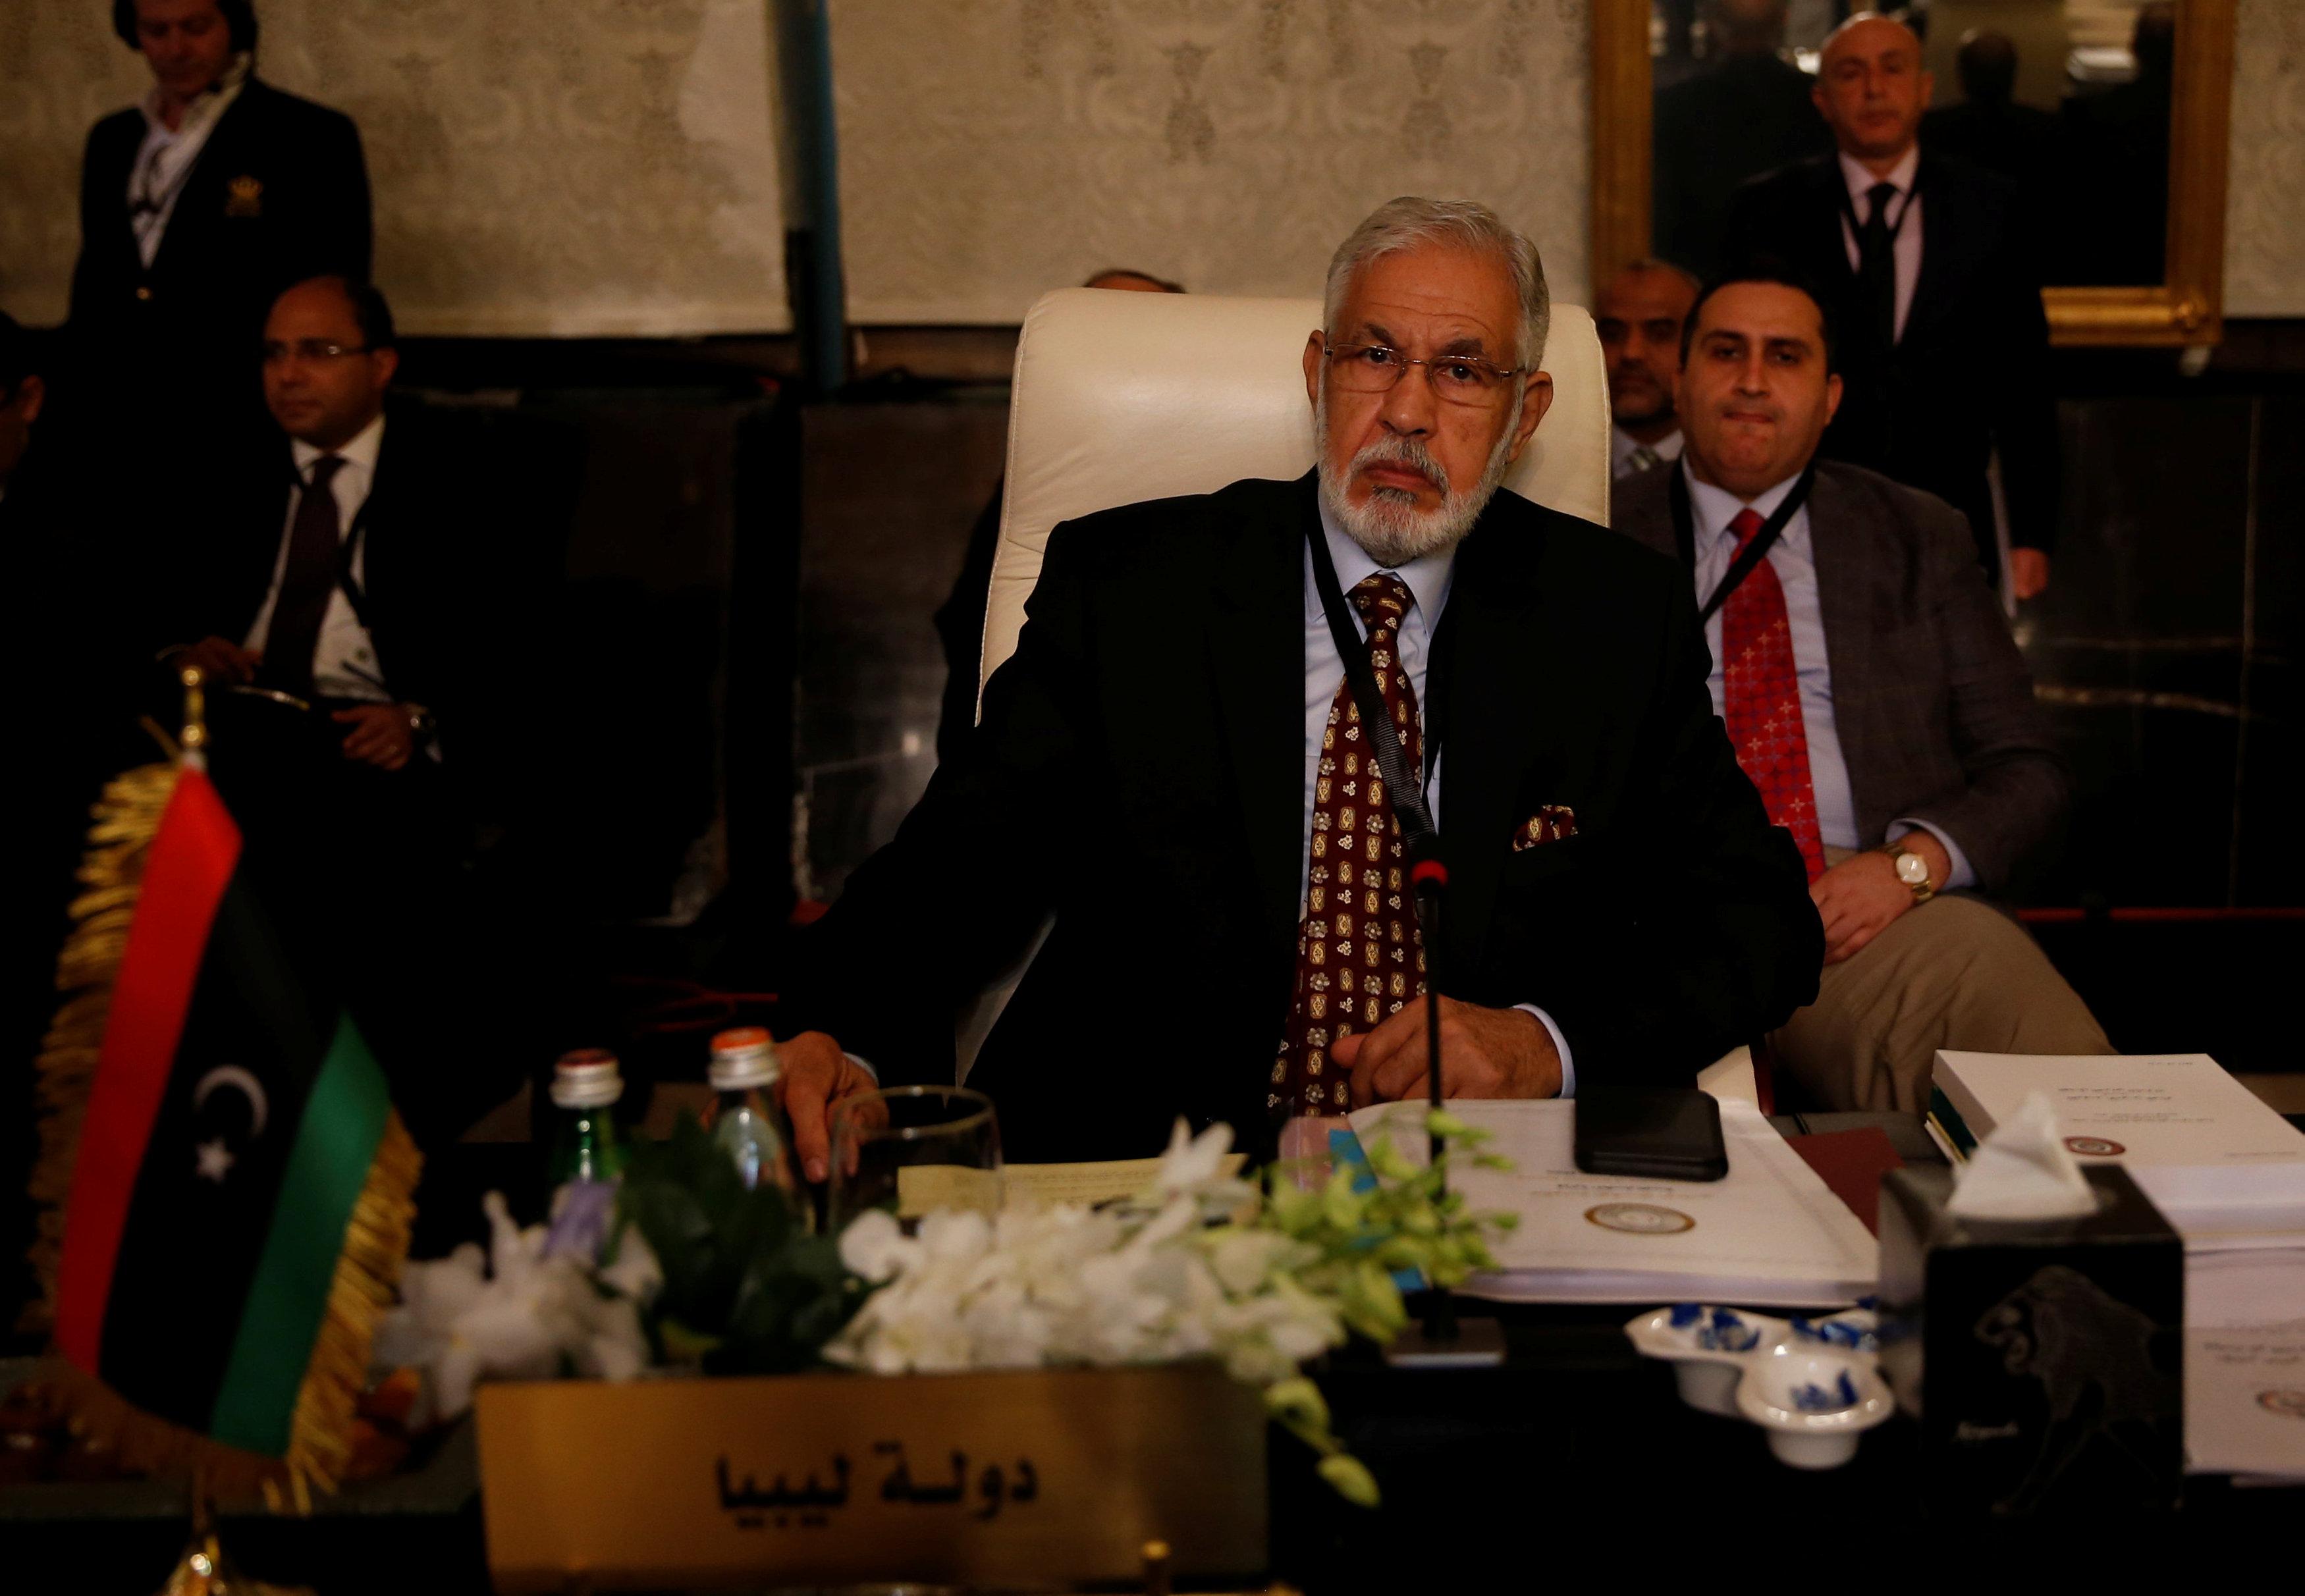 وزير الخارجية الليبي محمد طاهر